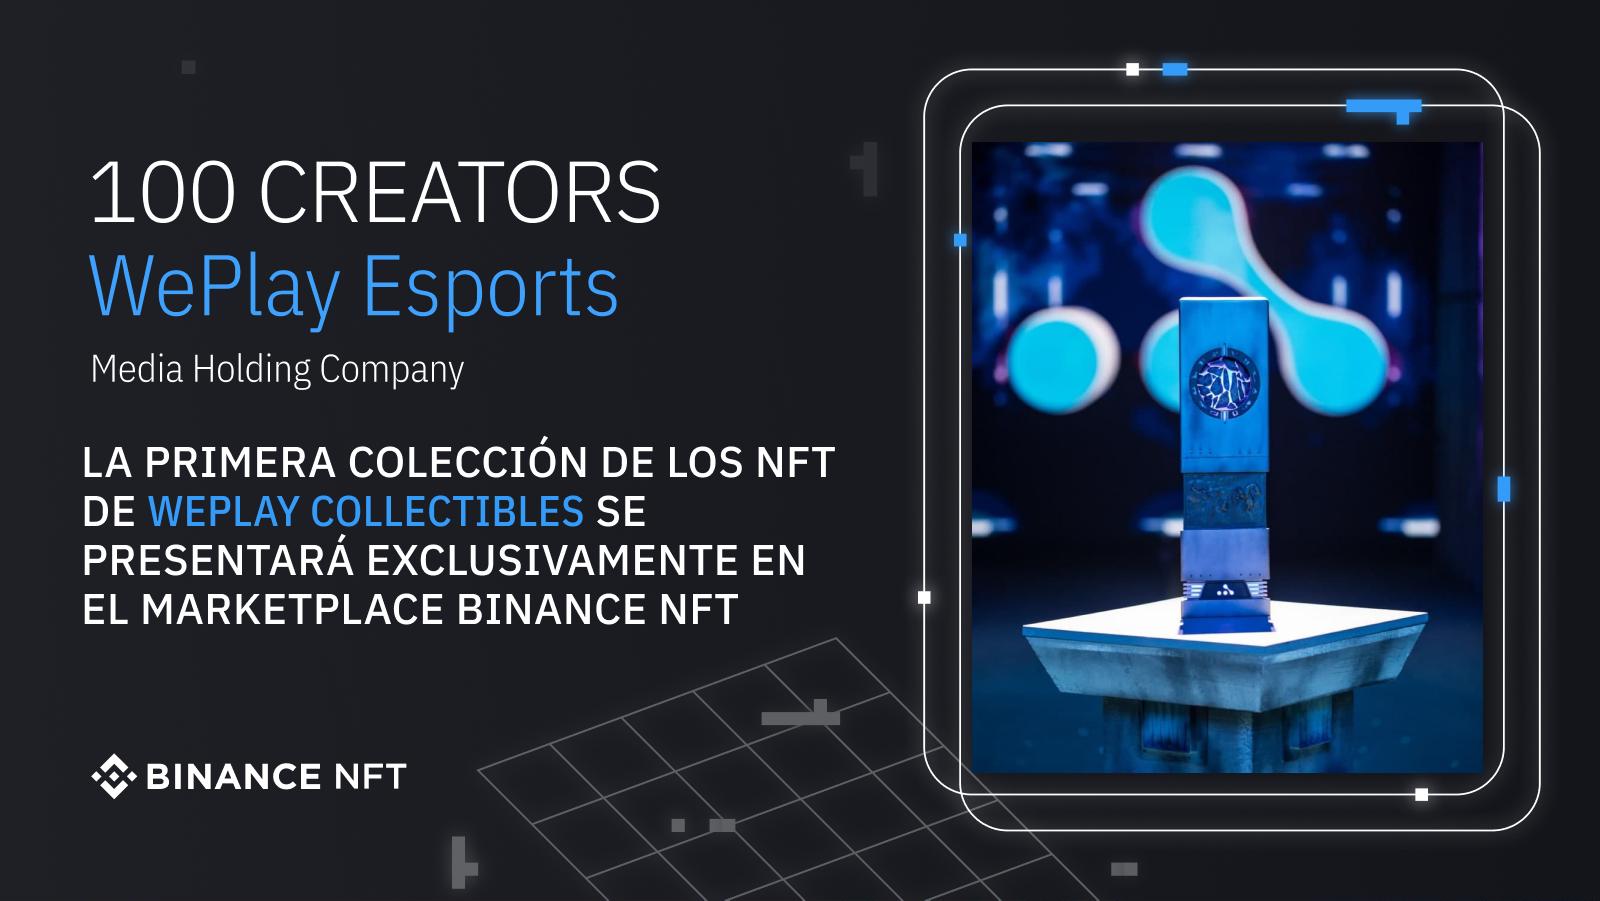 La primera colección de los NFT de WePlay Collectibles se presentará exclusivamente en el marketplace Binance NFT. Imagen: Binance NFT